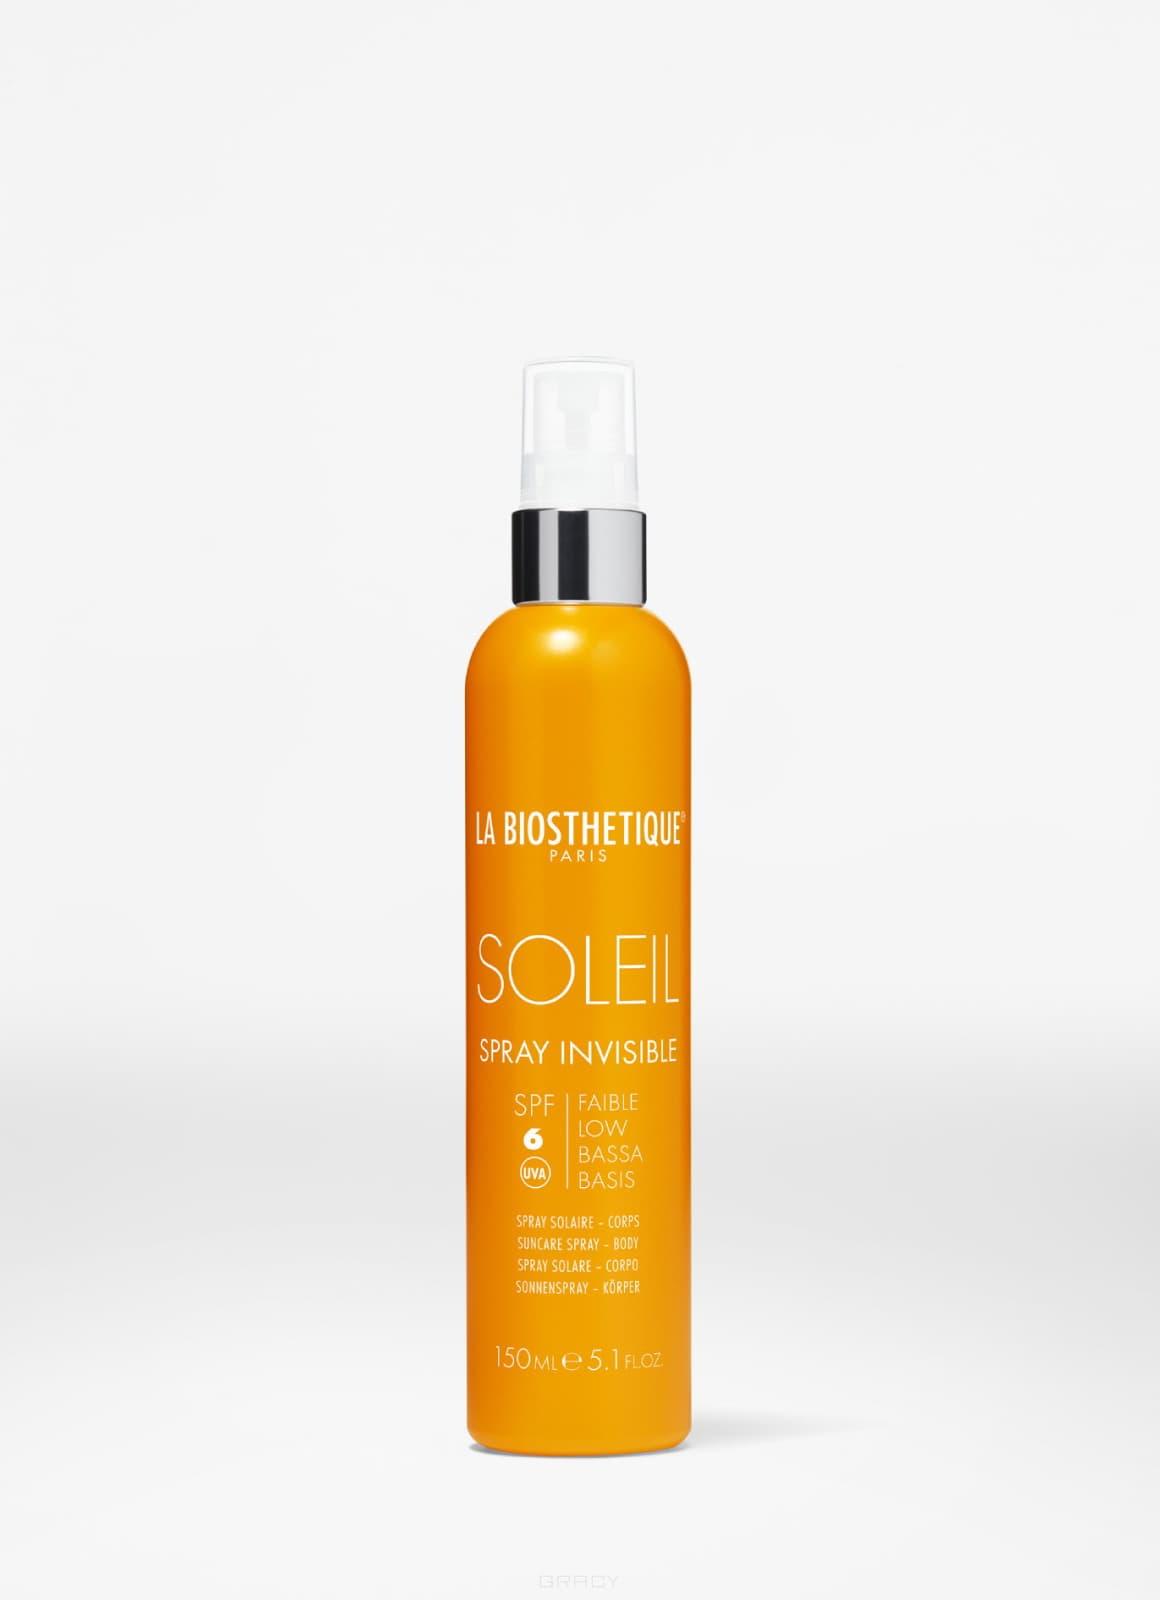 La Biosthetique, Водостойкоий солнцезащитный спрей с SPF 6 для базовой защиты Methode Soleil Spray Invisible SPF 6 Corps, 150 мл спрей labiosthetique heat protector 100 мл